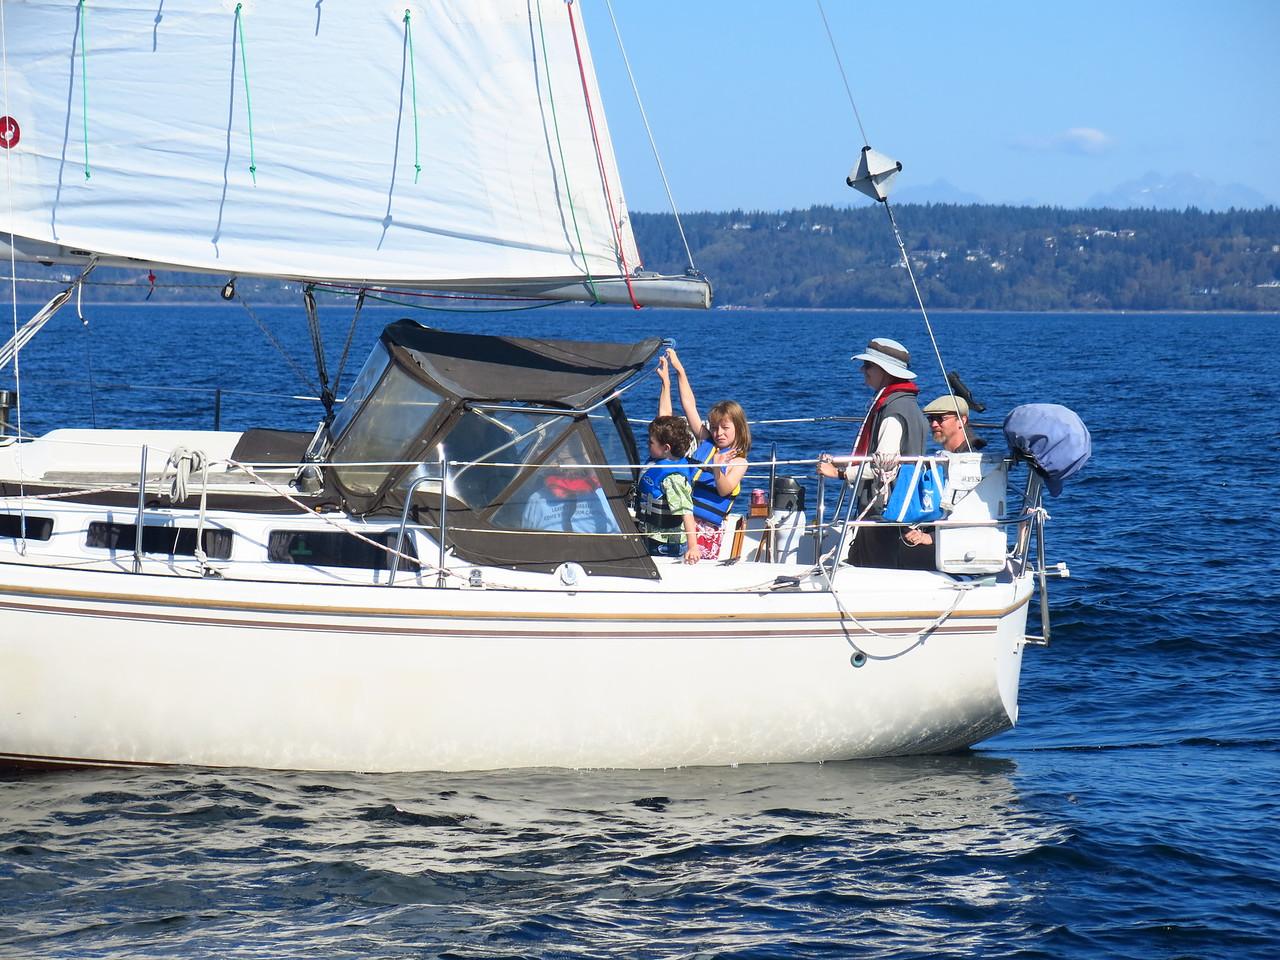 2015-10-04 Sail (21)